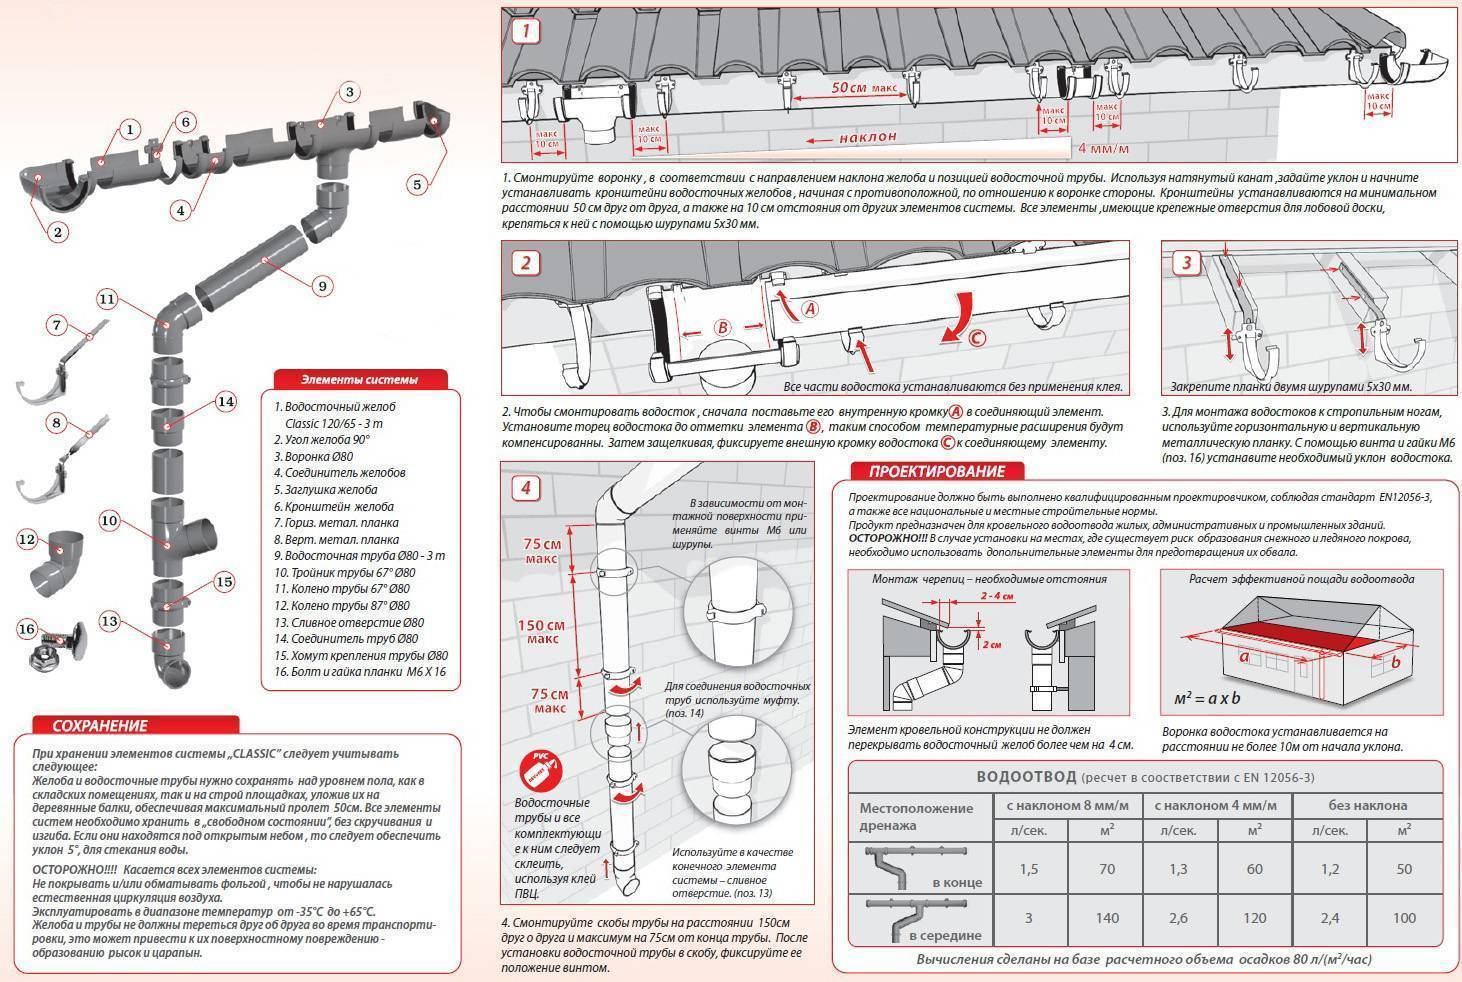 Как оборудовать водосточную систему в частном доме: Обзор +Видео